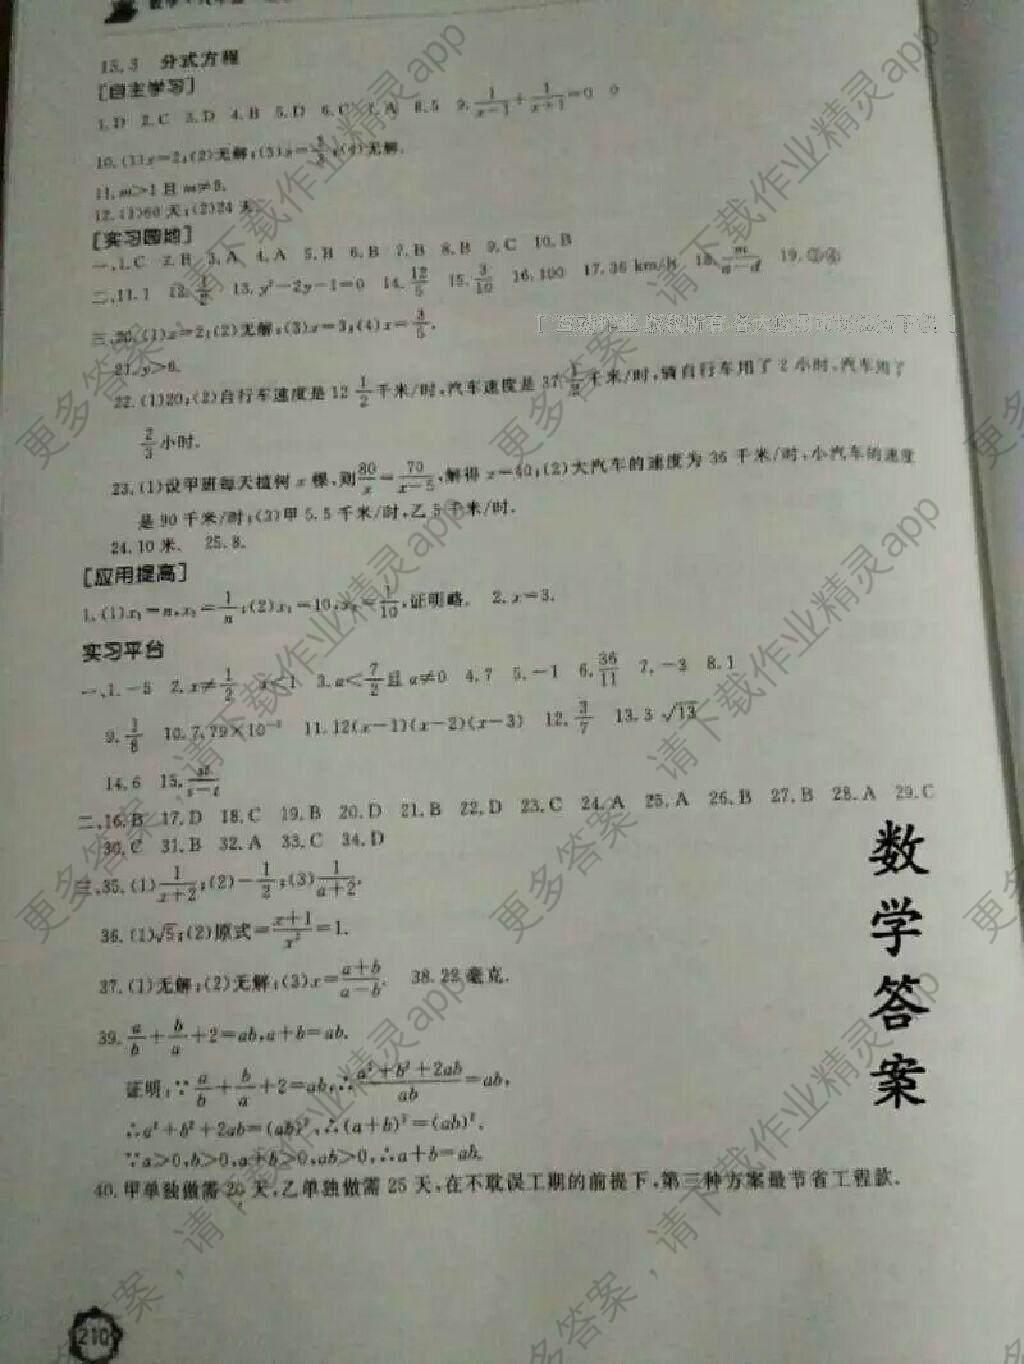 2016年伴你学初中生v答案八答案上册数学年级初中生小结本月图片